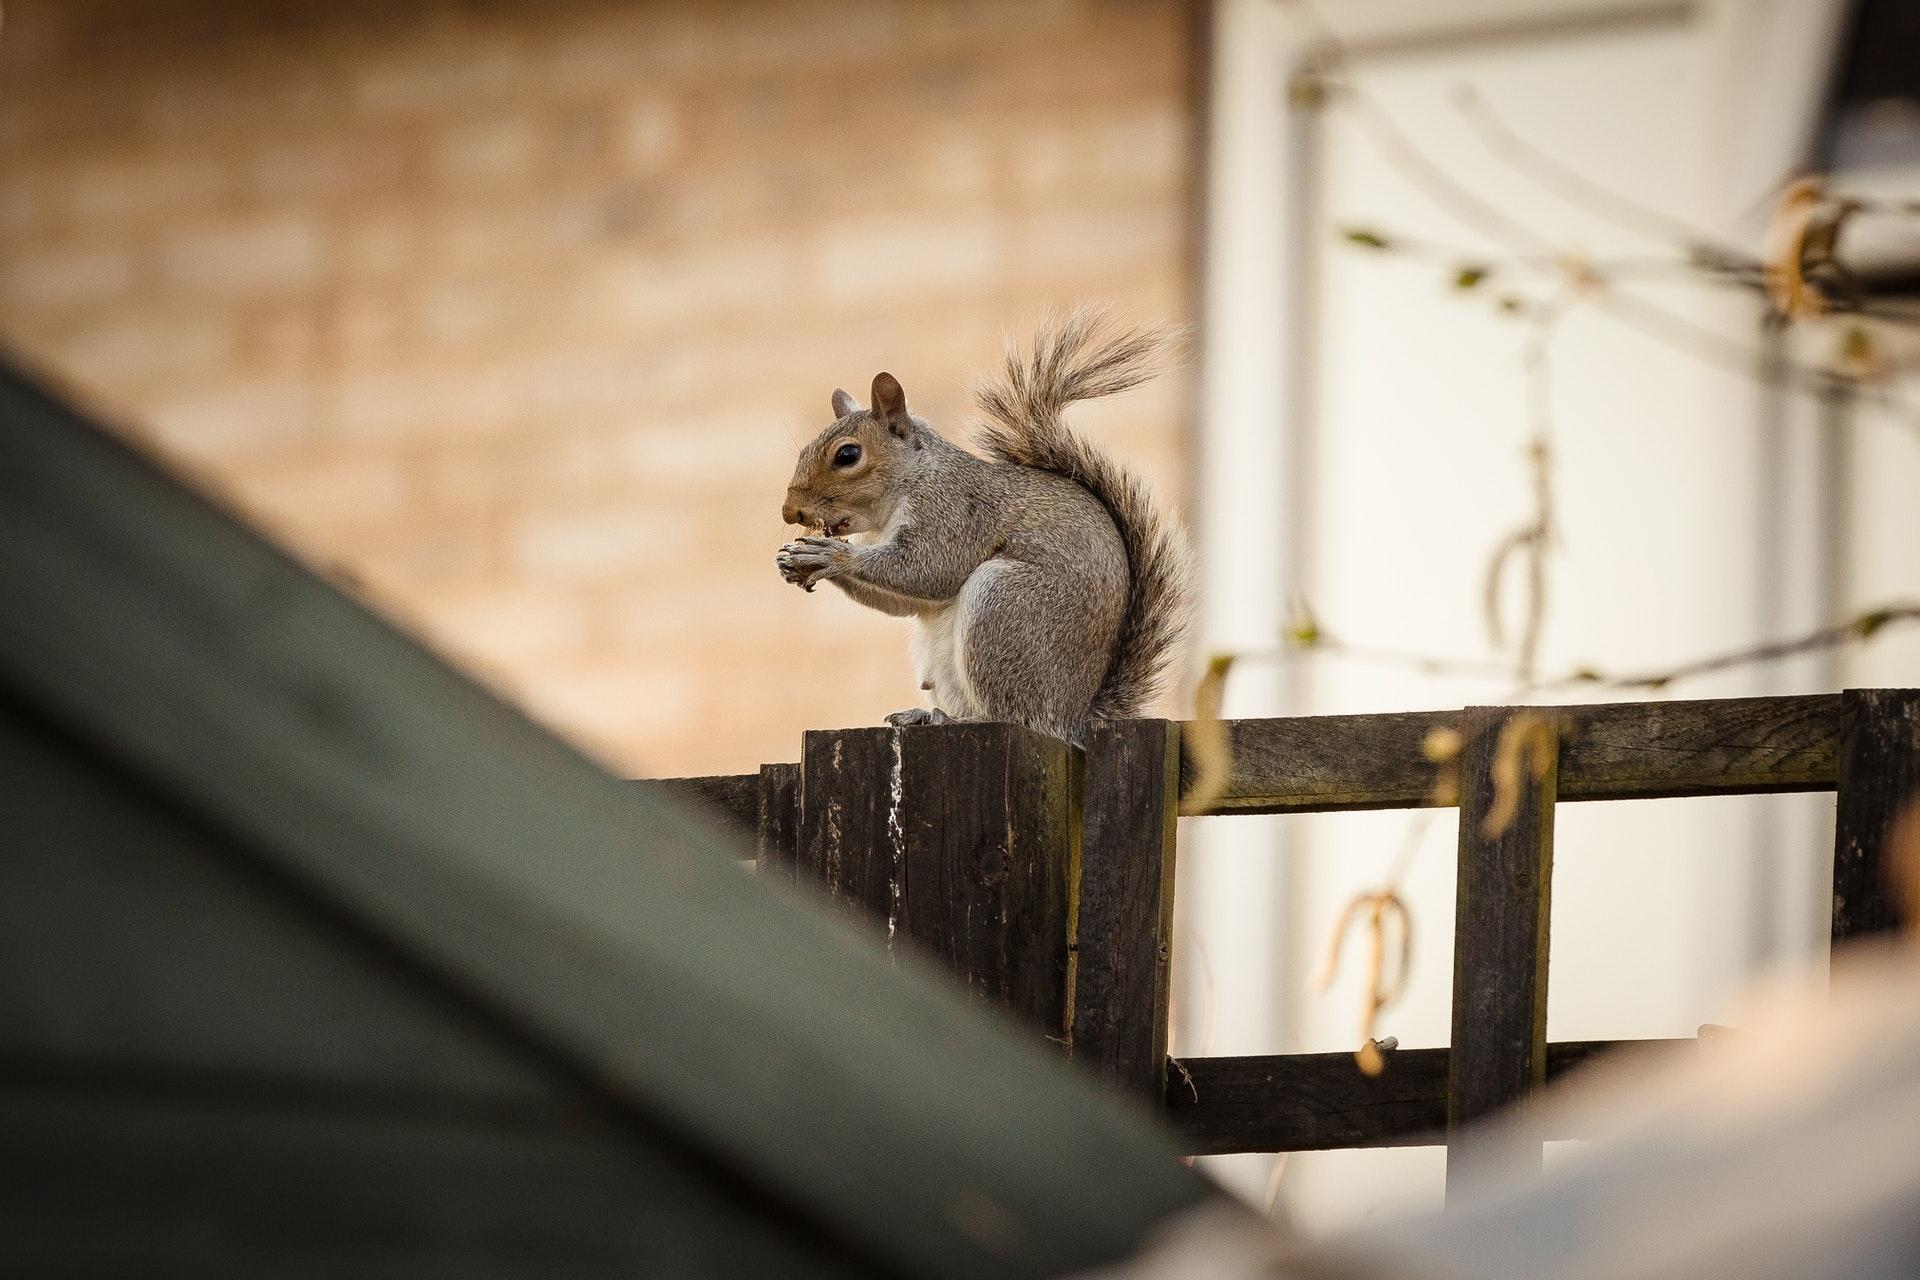 Cosa si prova a correre tra i rami di un albero come uno scoiattolo?